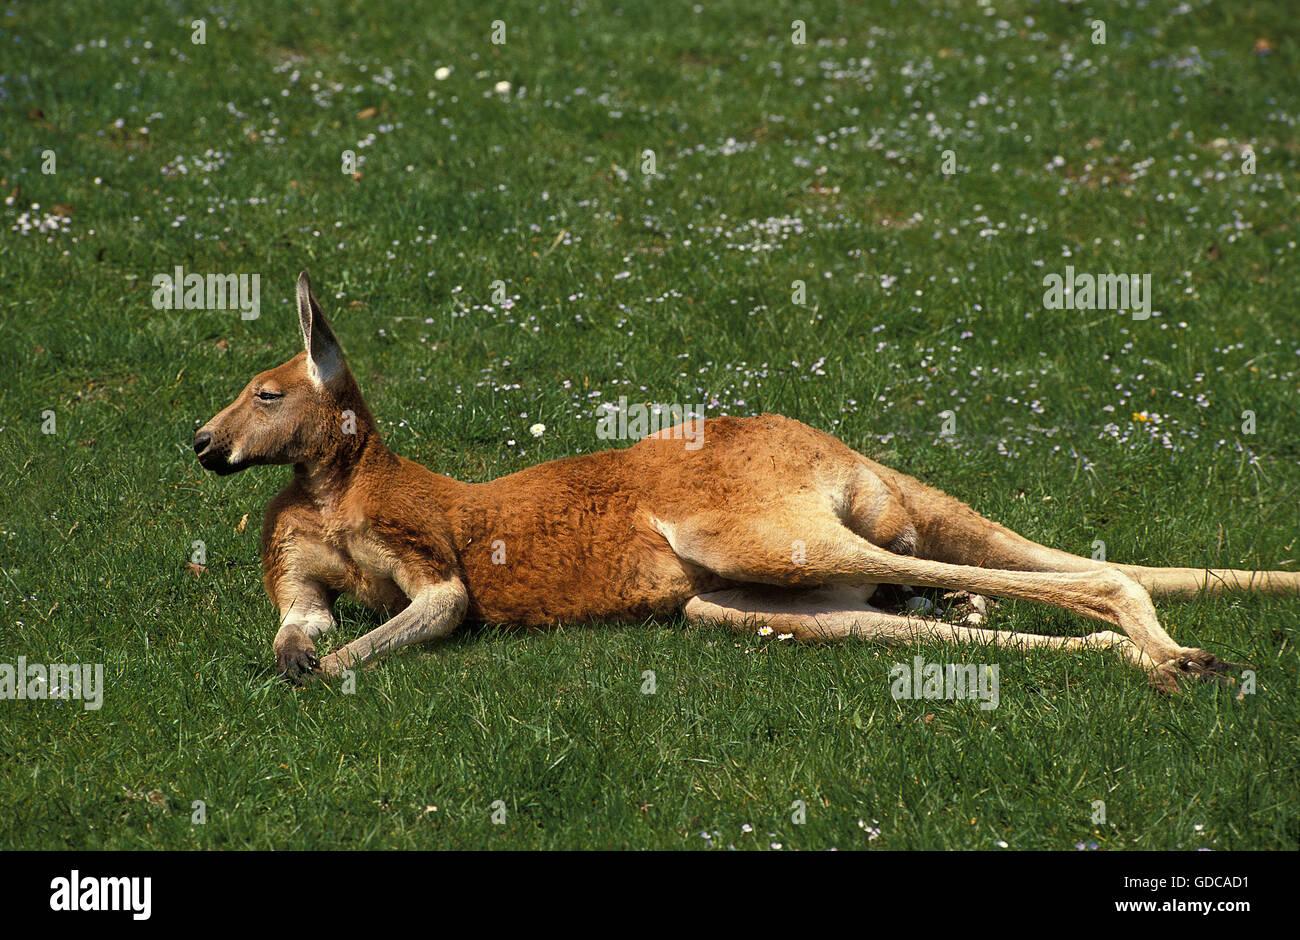 Red Kangaroo, macropus rufus, Adult laying down on Grass - Stock Image